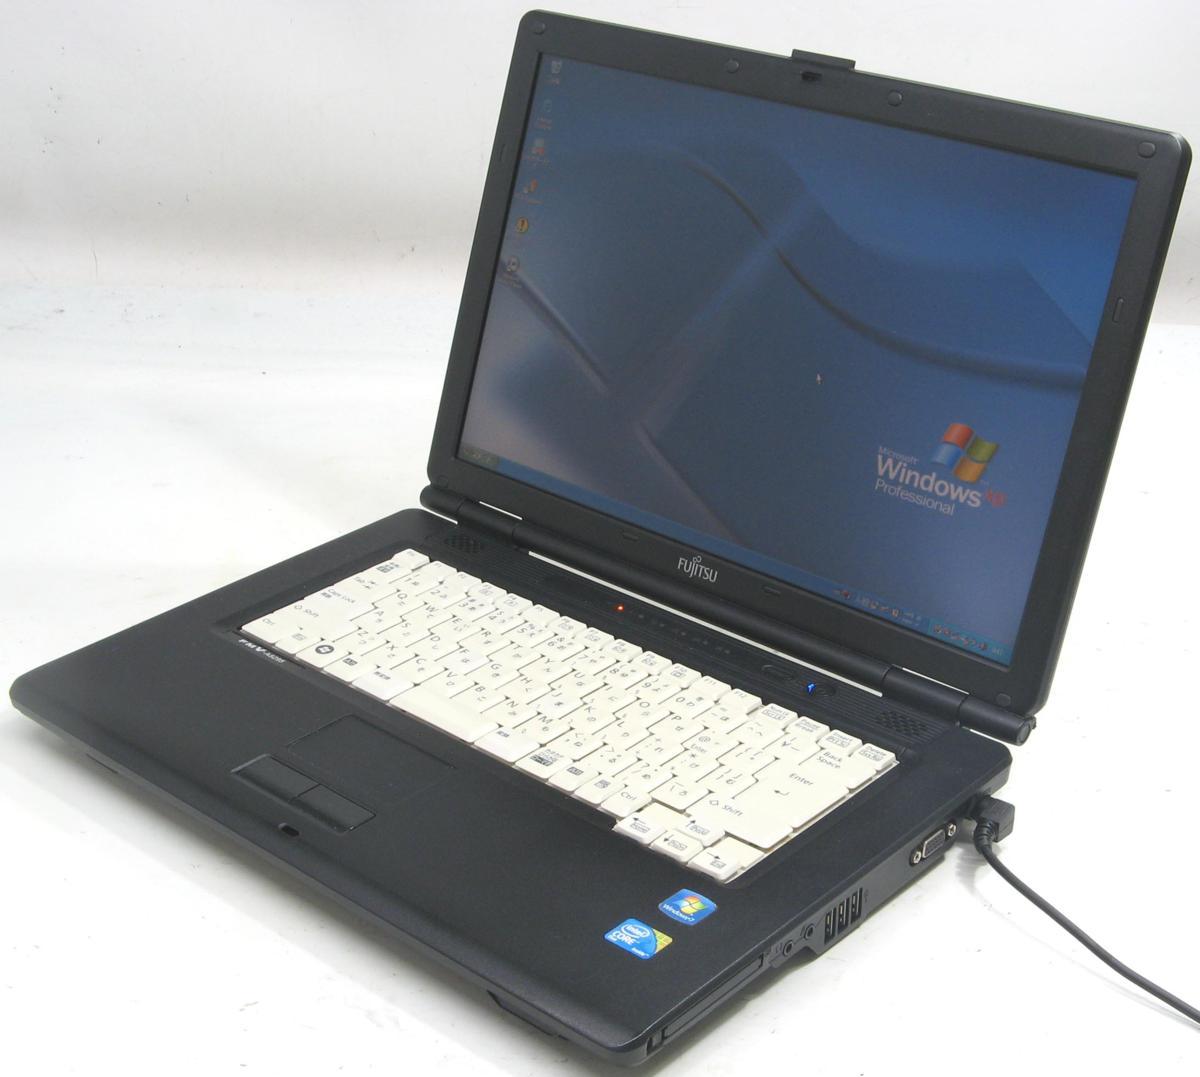 中古ノートパソコン 富士通 FMV-A8295 FMVNA1C3G(富士通 WindowsXP)【中古】【中古パソコン/中古PC】